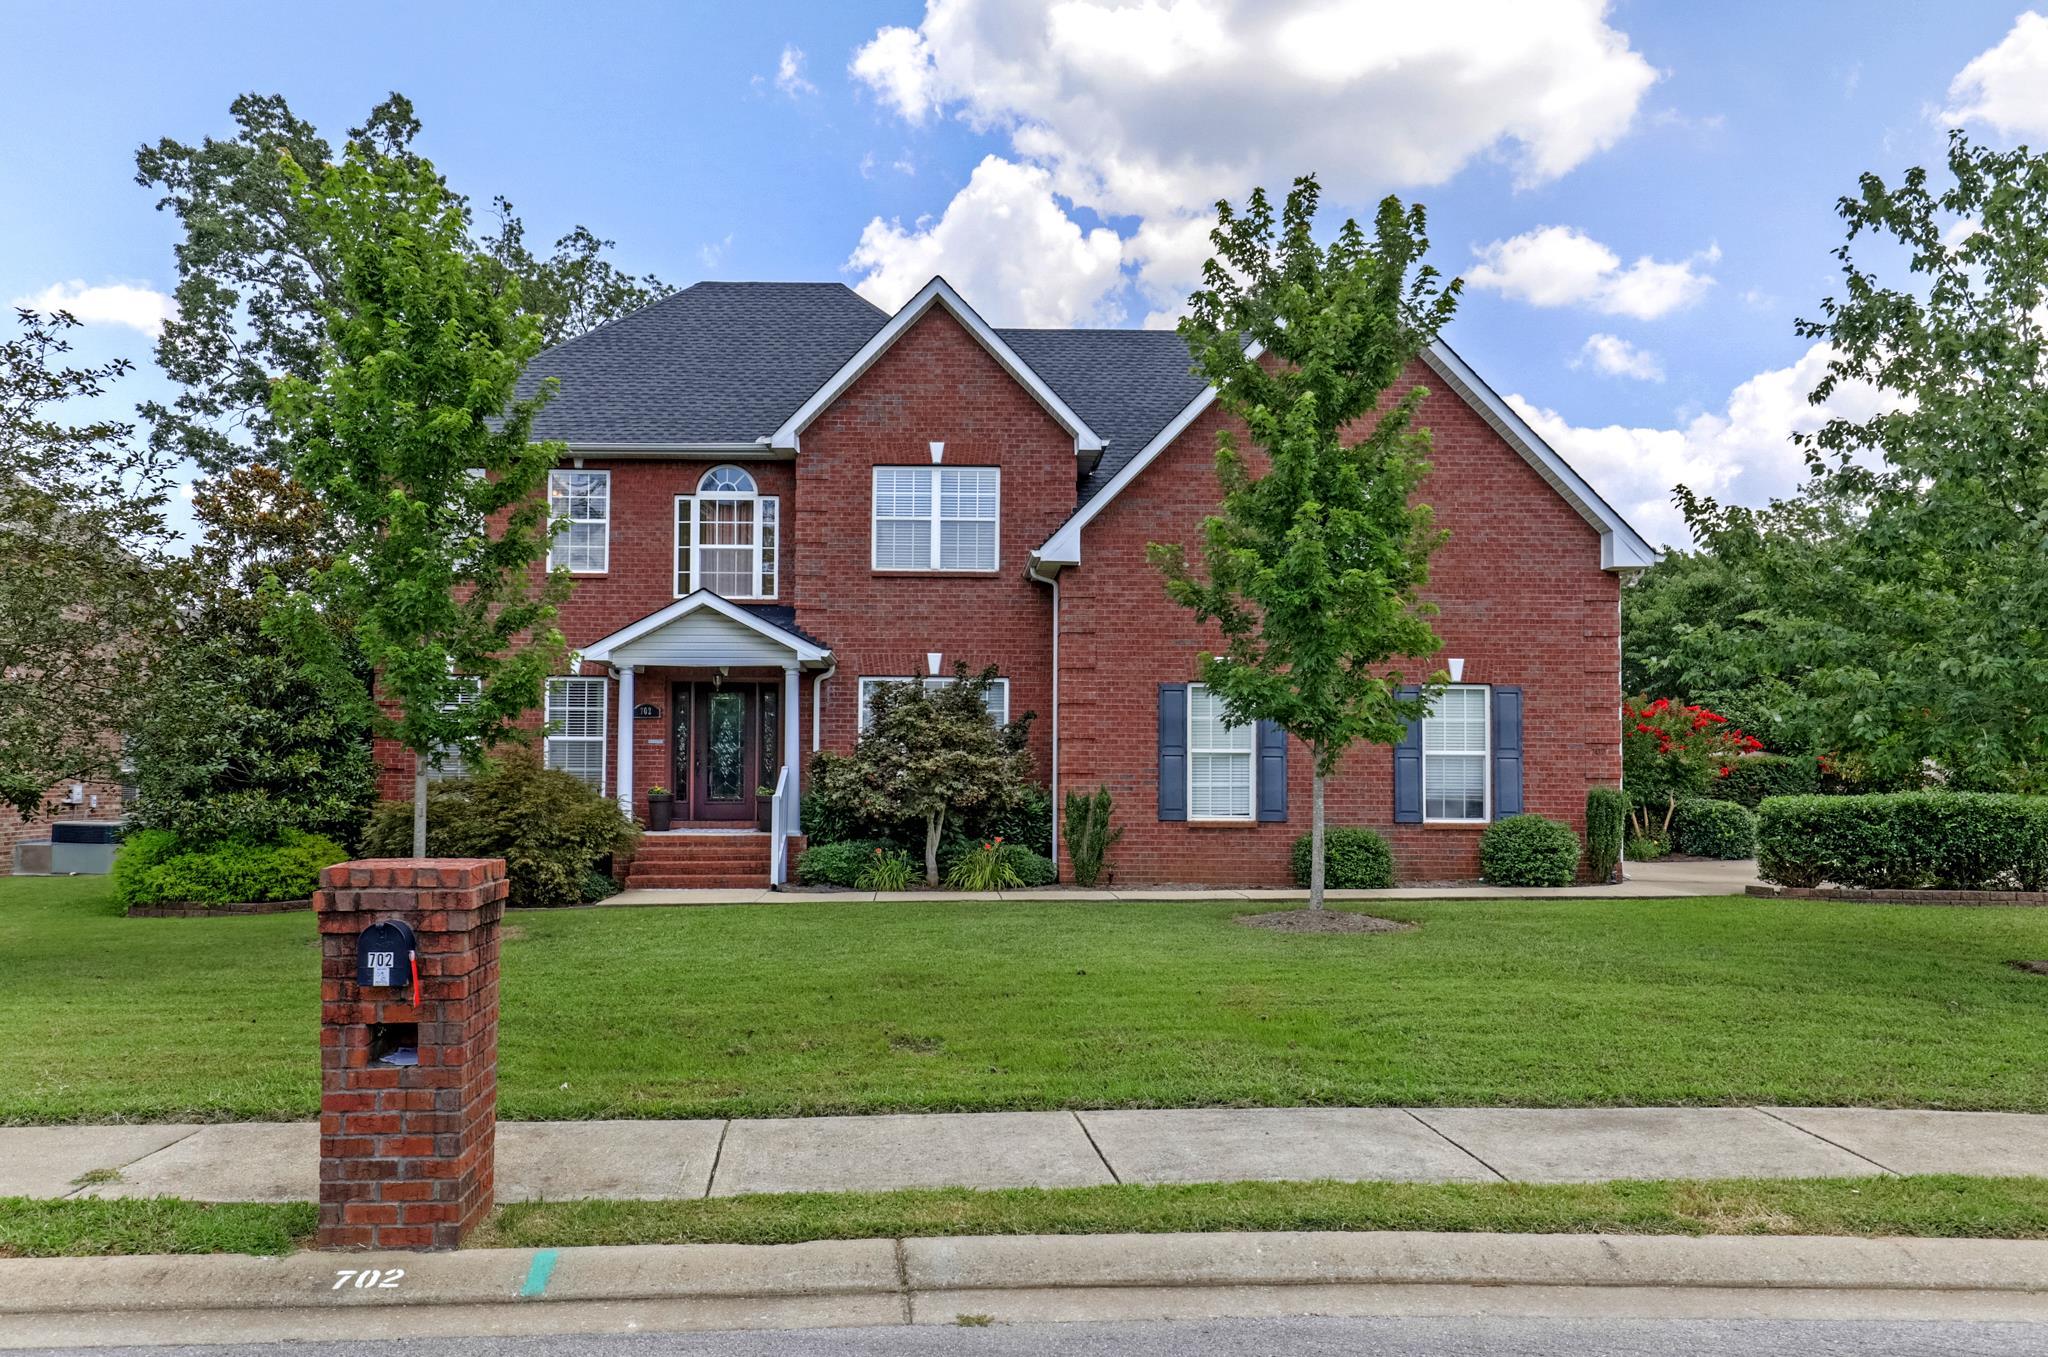 702 Sergio Ave, Murfreesboro, TN 37128